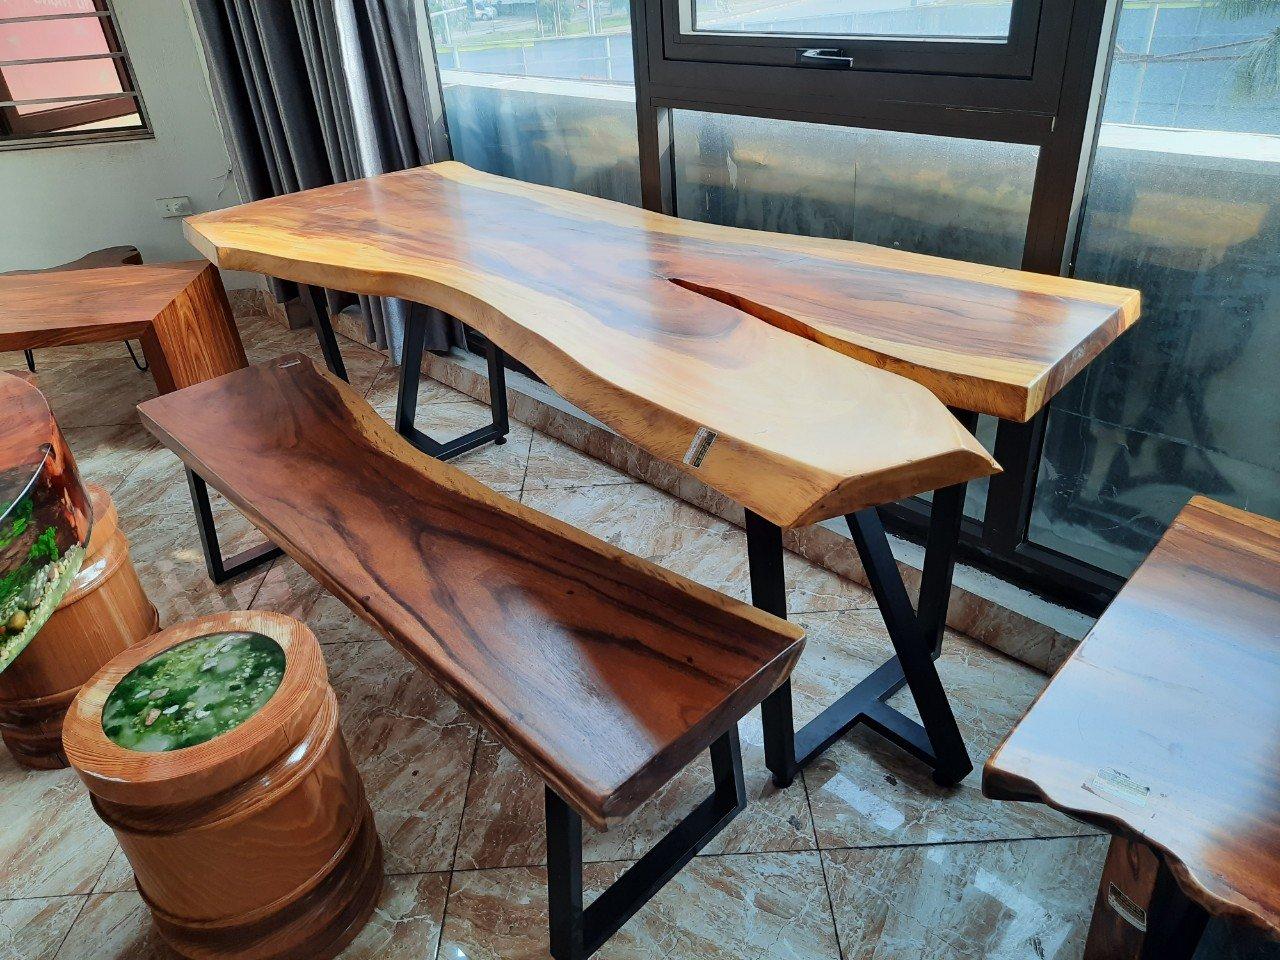 Mẫu bàn gỗ me tây dành cho ban công